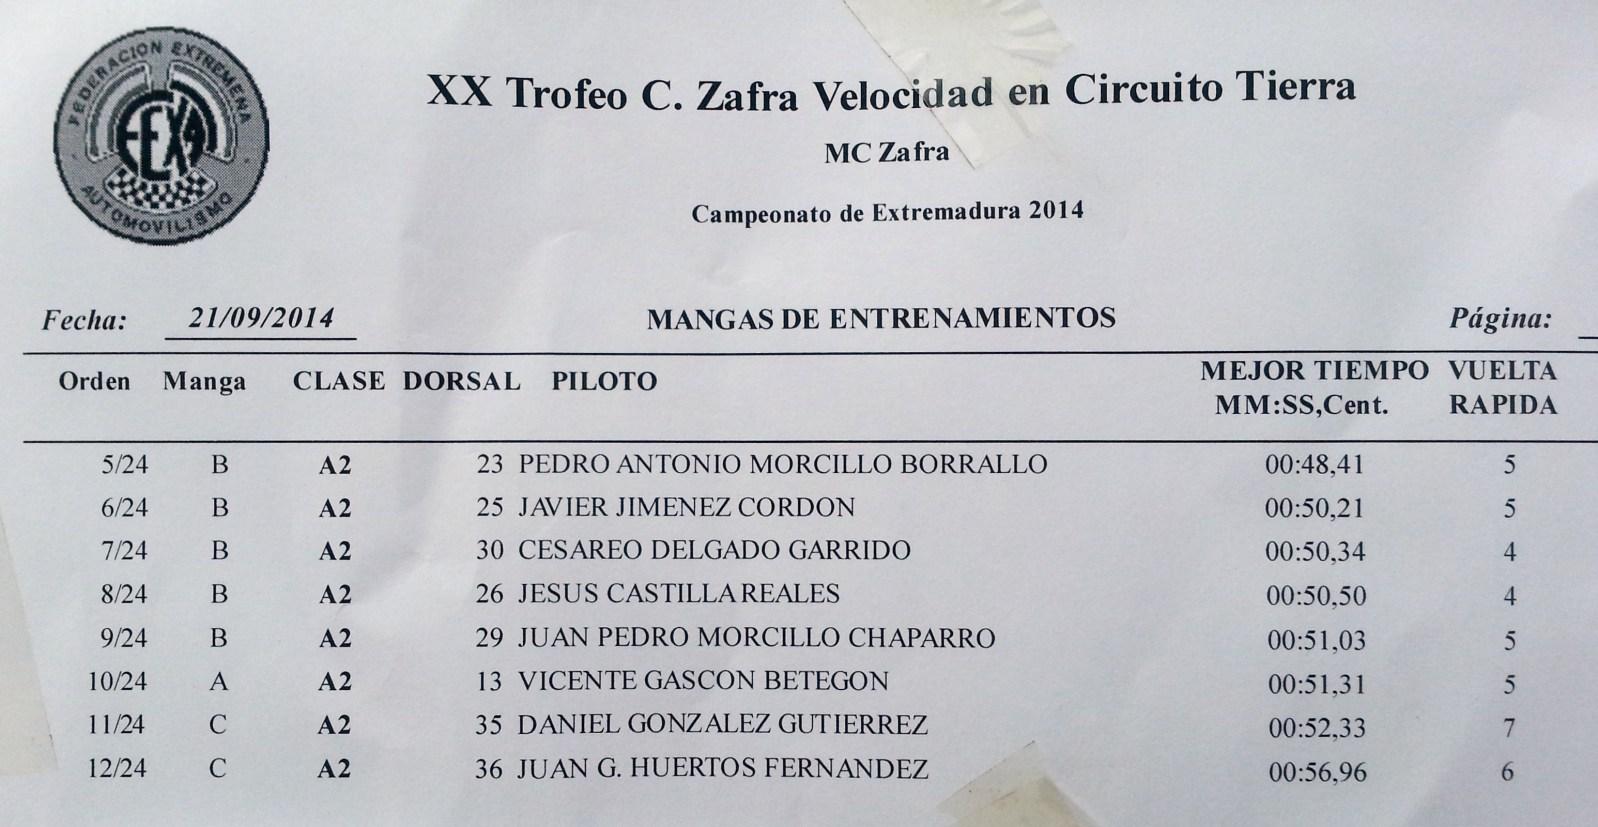 [EXTREMADURA] XX AUTOCROSS TROFEO CIUDAD DE ZAFRA [21 DE SEPTIEMBRE] 10gmkrc